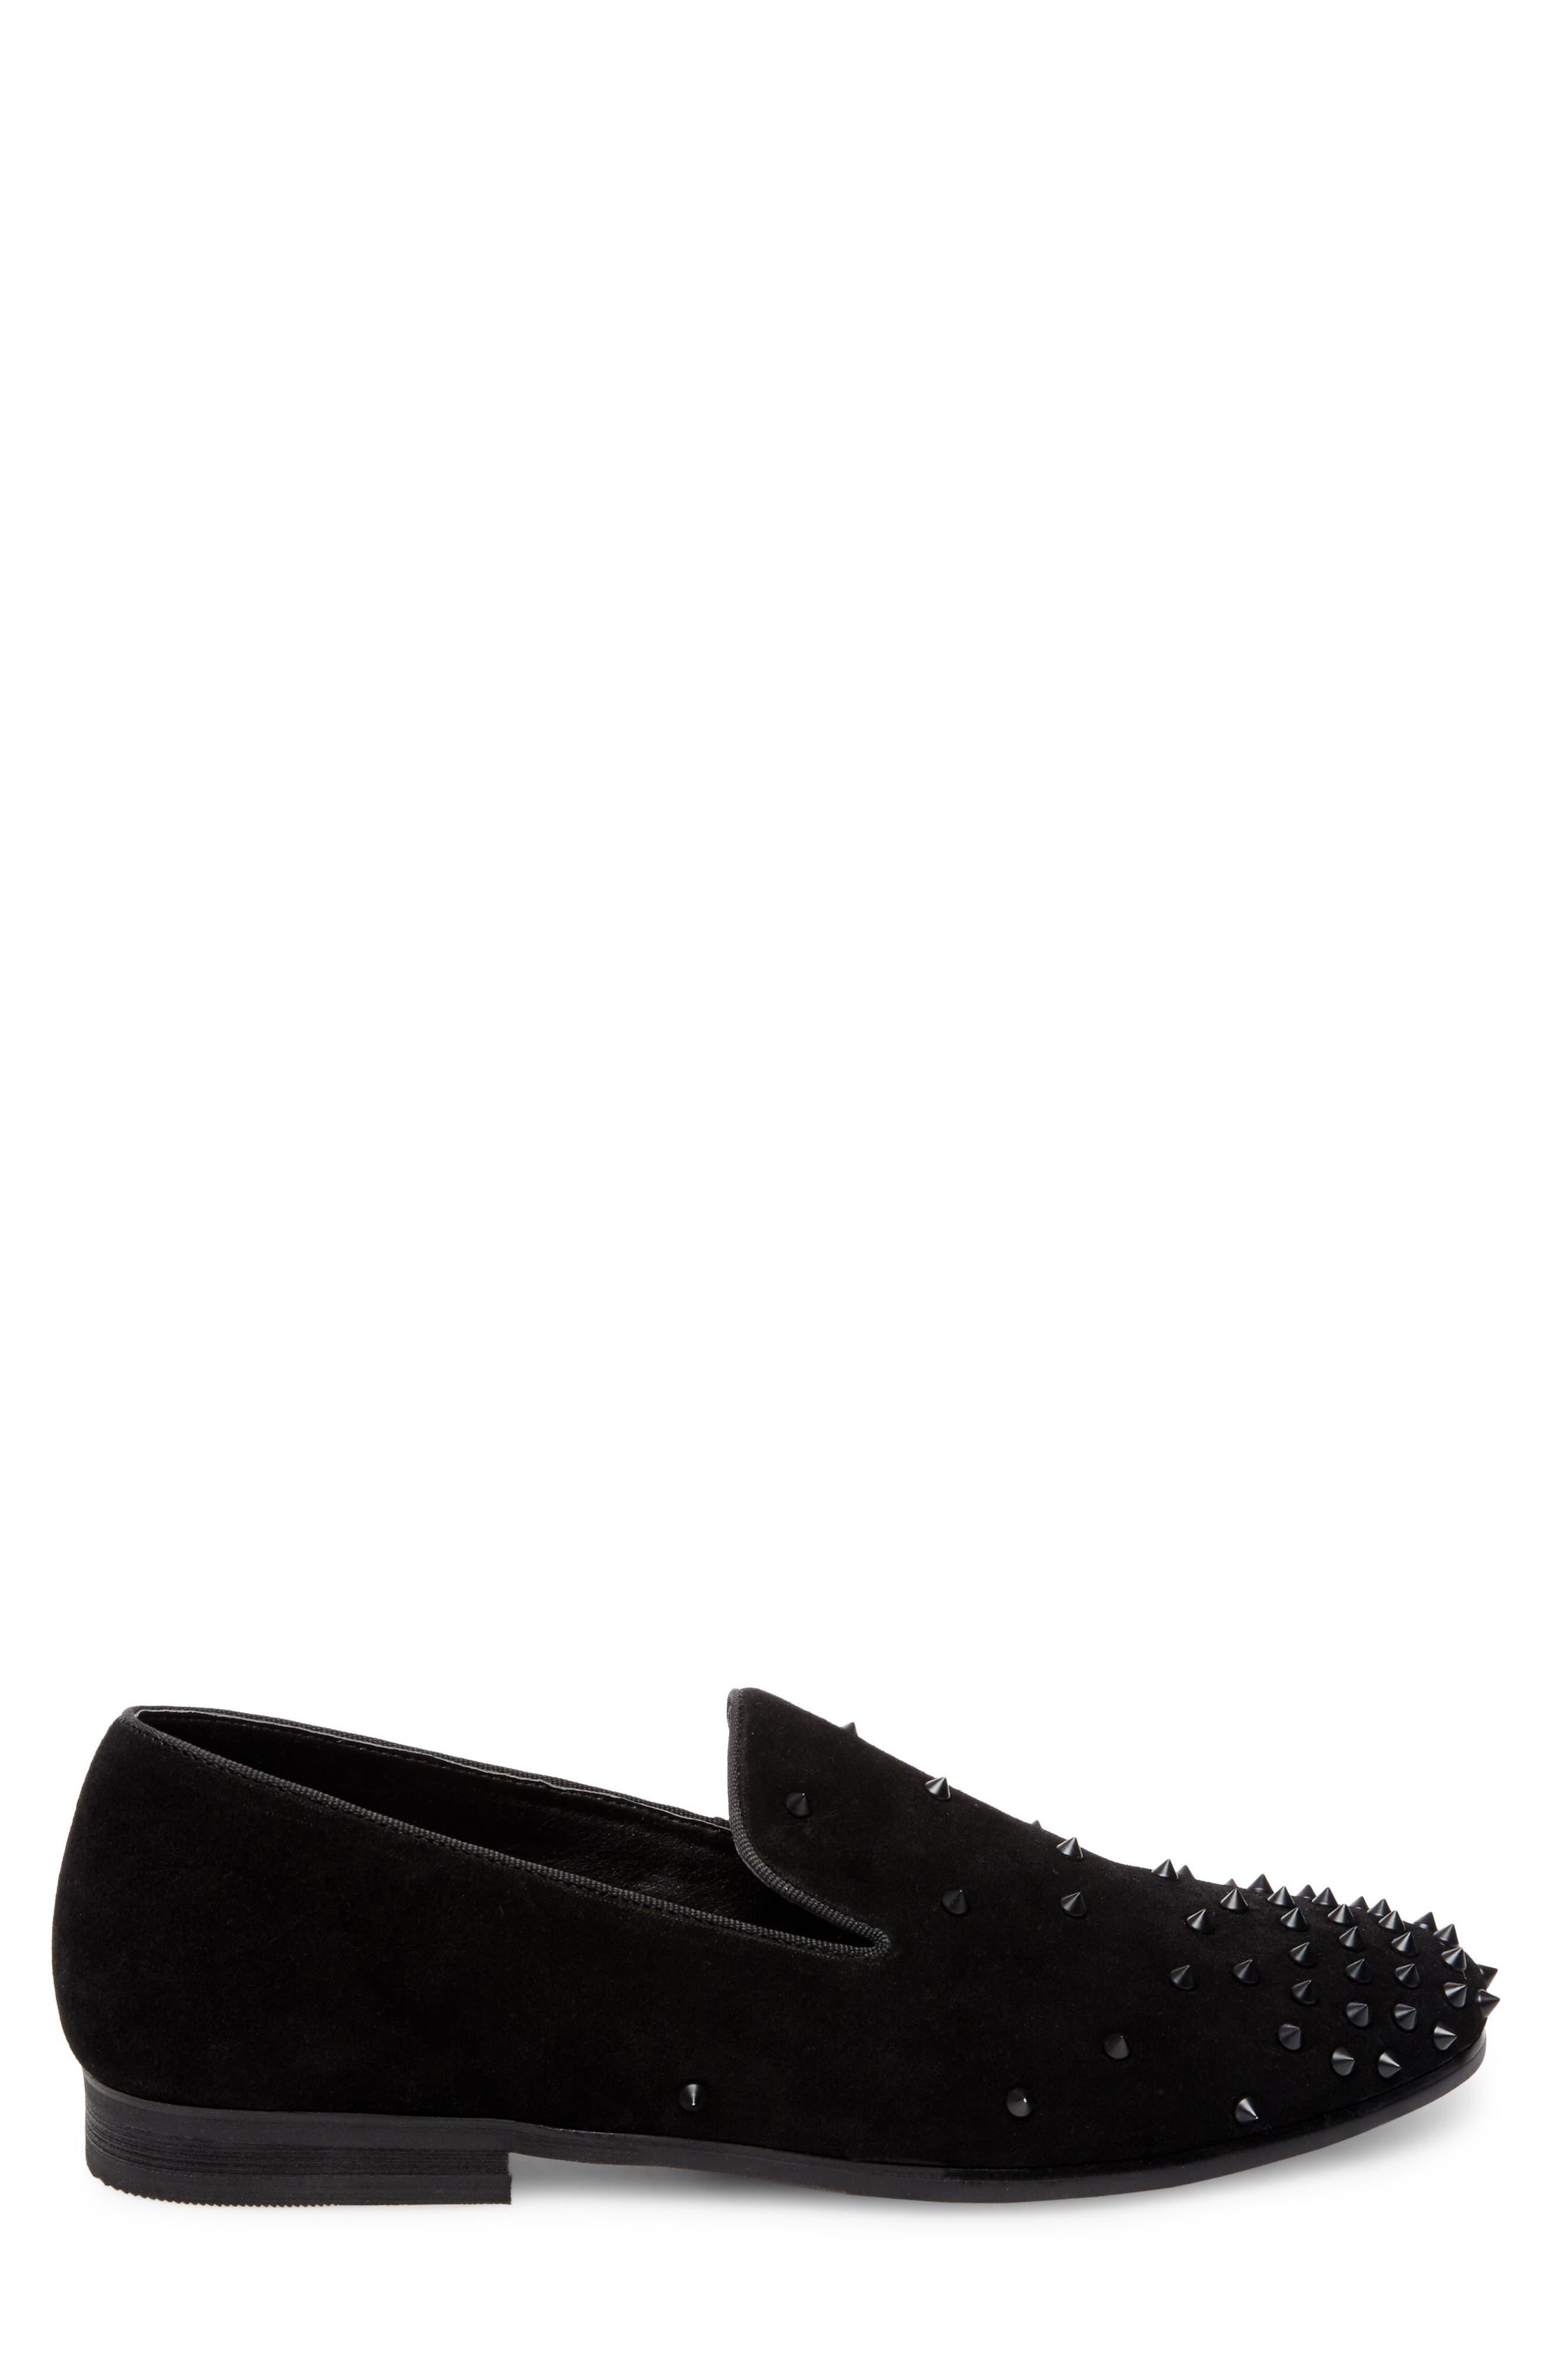 Alternate Image 3  - Steve Madden Cascade Studded Loafer (Men)